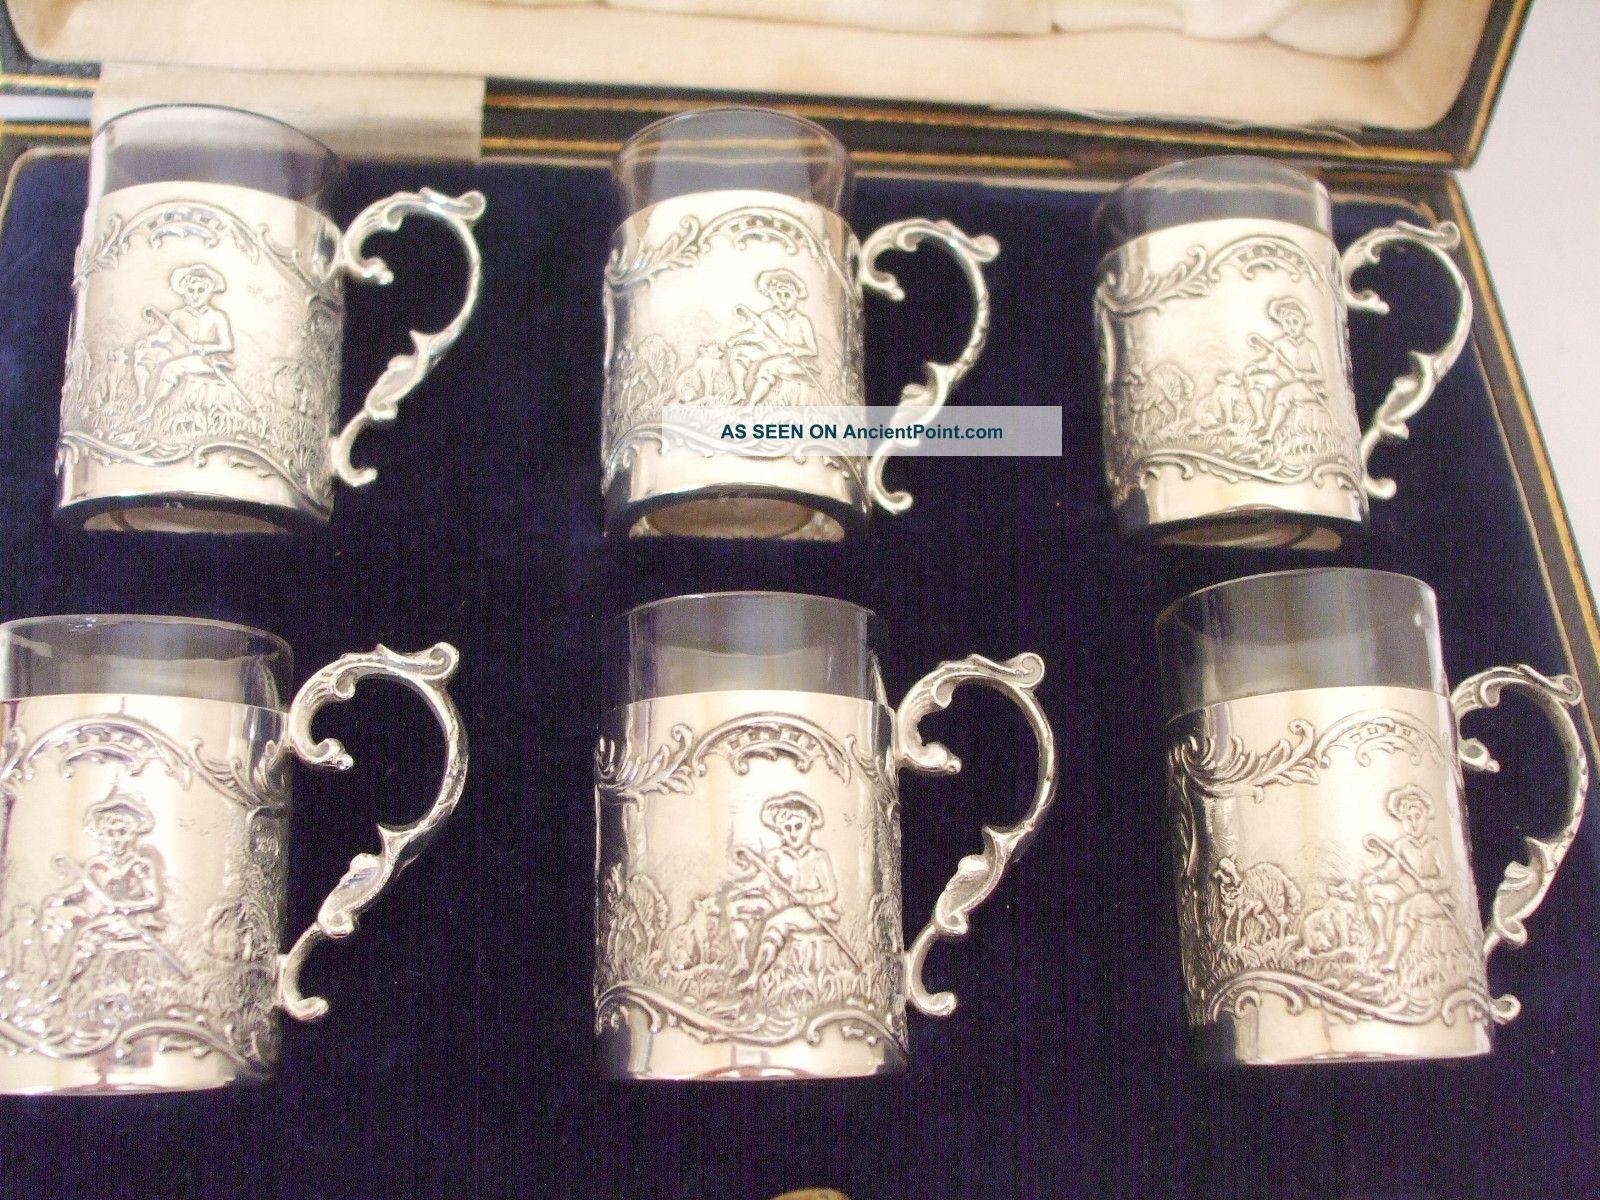 Antique Hm 1915 Rare Silver Liquor Liquer Tots Cups Goblets Harrods R Burbridge Cups/ Goblets photo